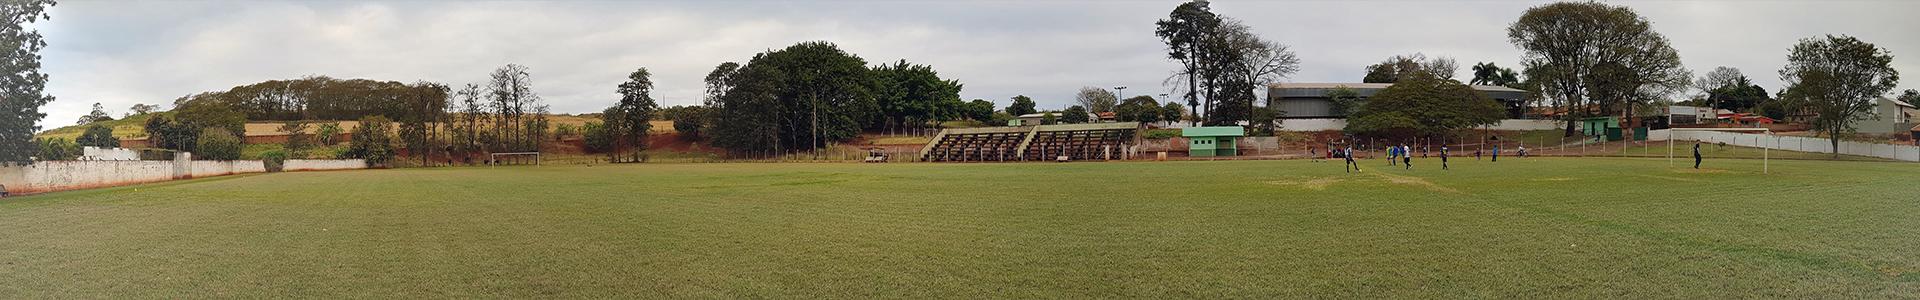 ATIVO - Estadio de Futebol de Leópolis 2